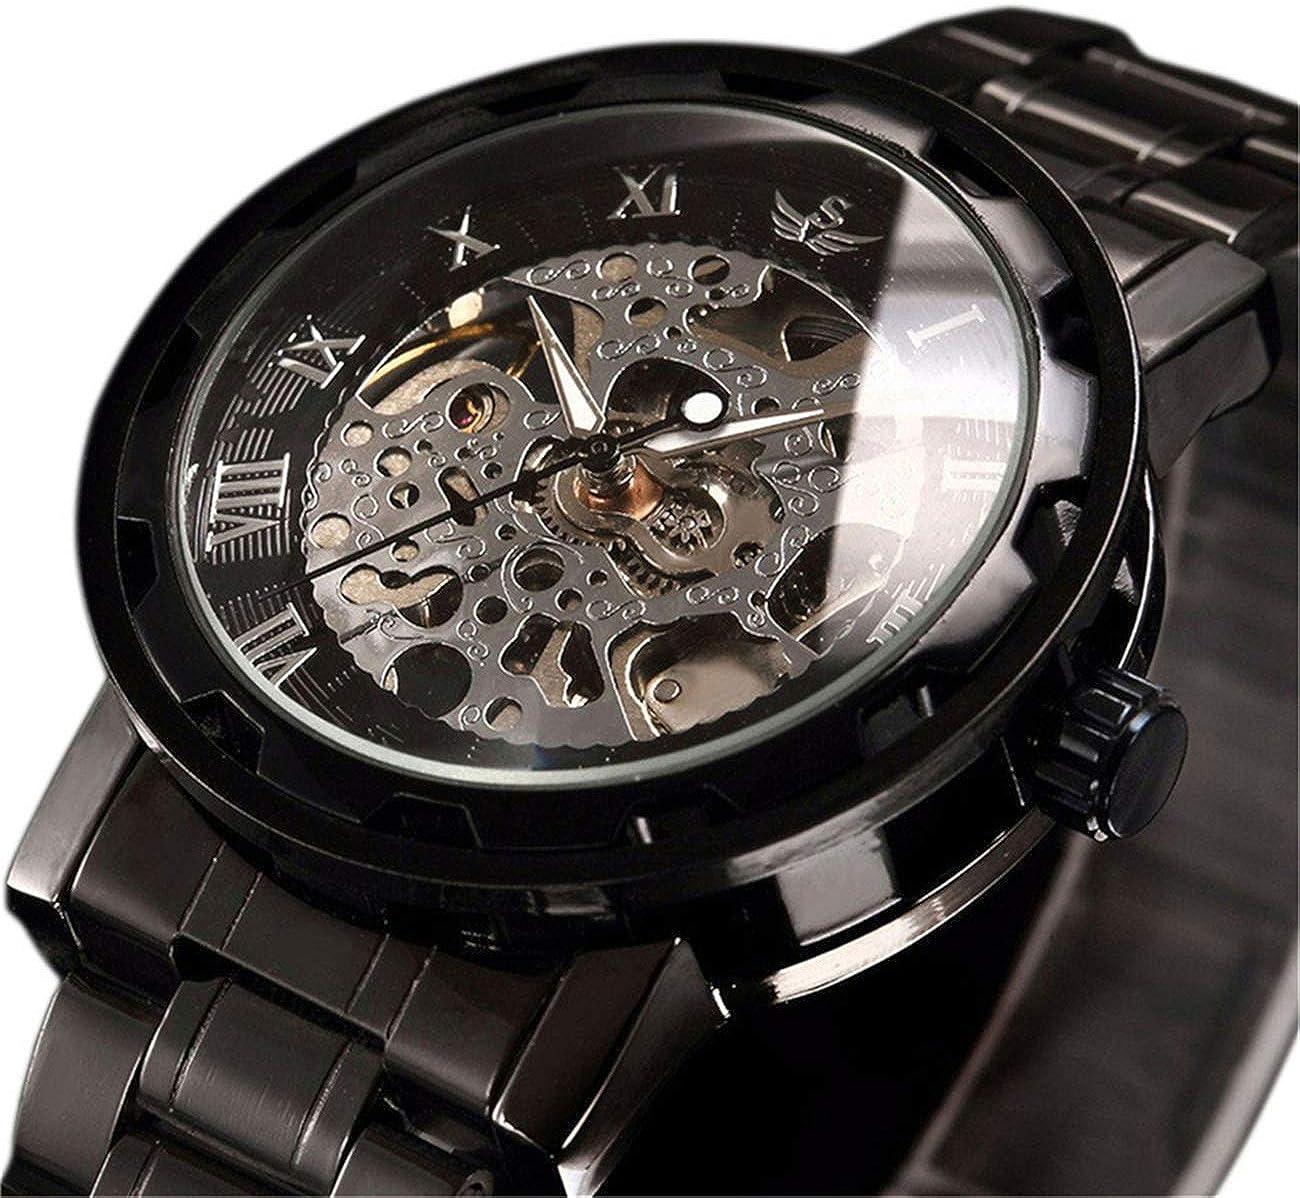 Relojes, Relojes para Hombres Reloj mecánico de Estilo clásico Acero Inoxidable Esqueleto Diseño intemporal Punky Steam mecánico con Pulsera de eslabones